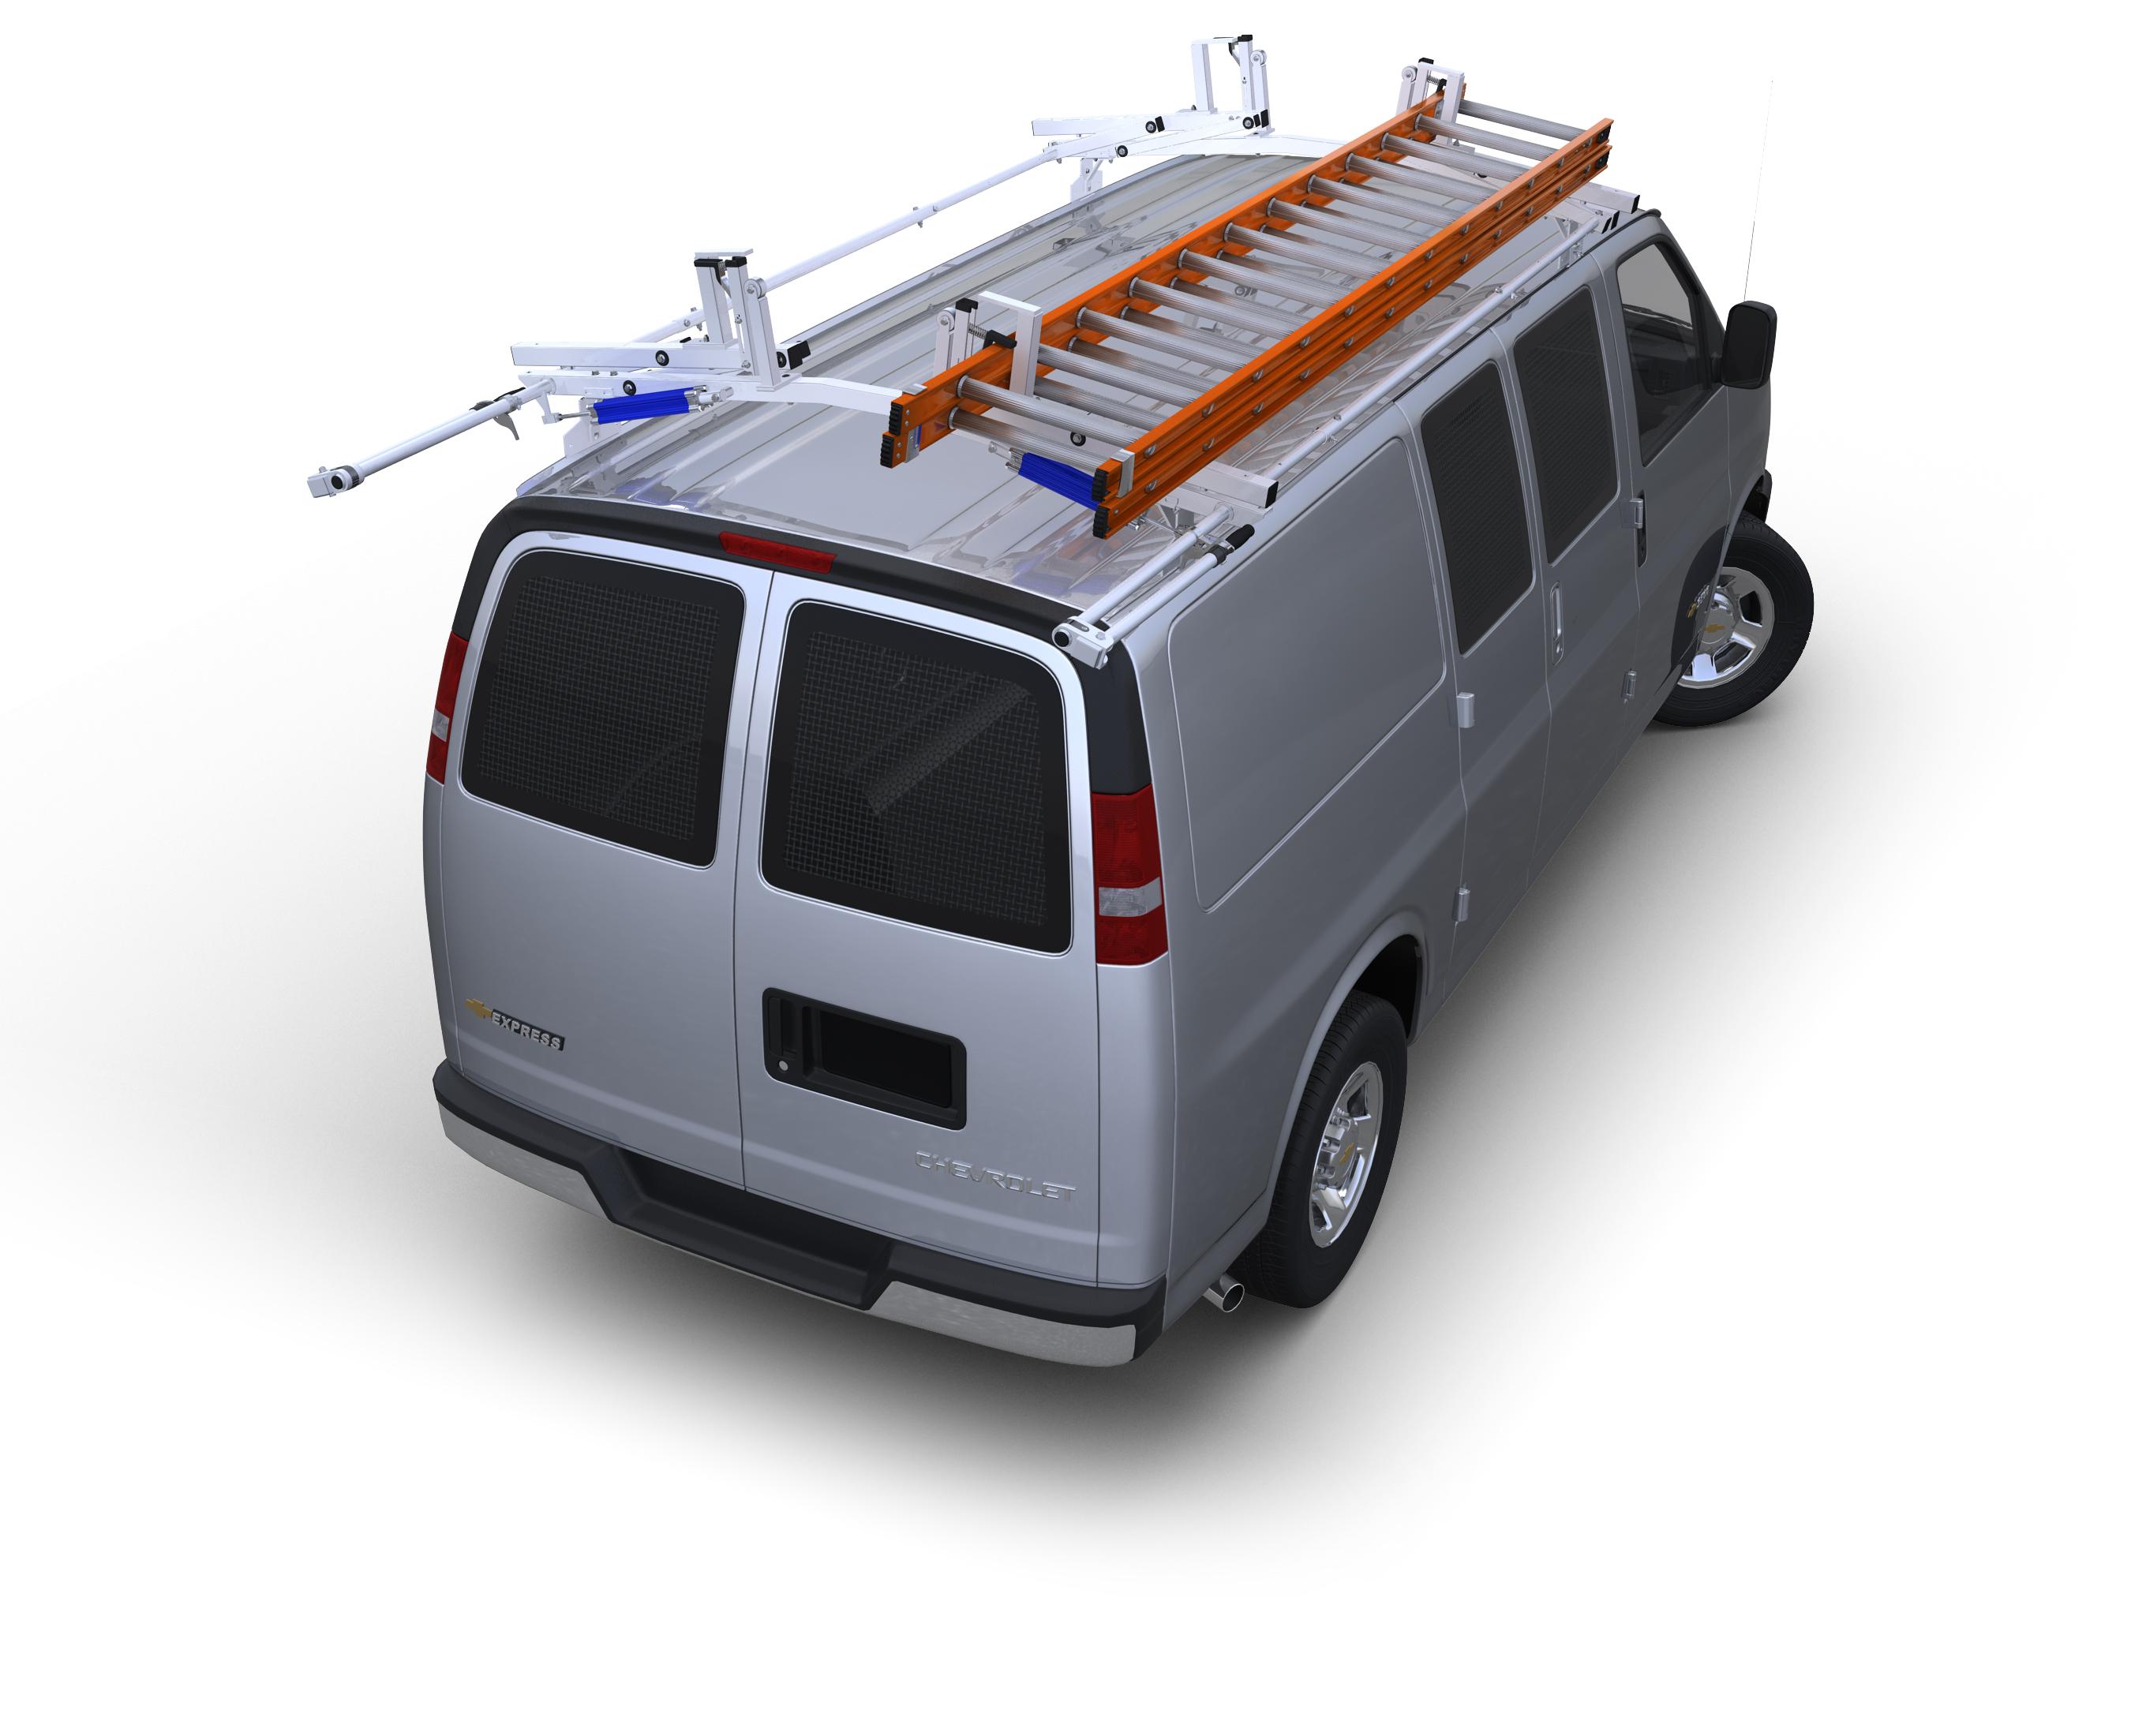 Cab File Desks - Mini Van